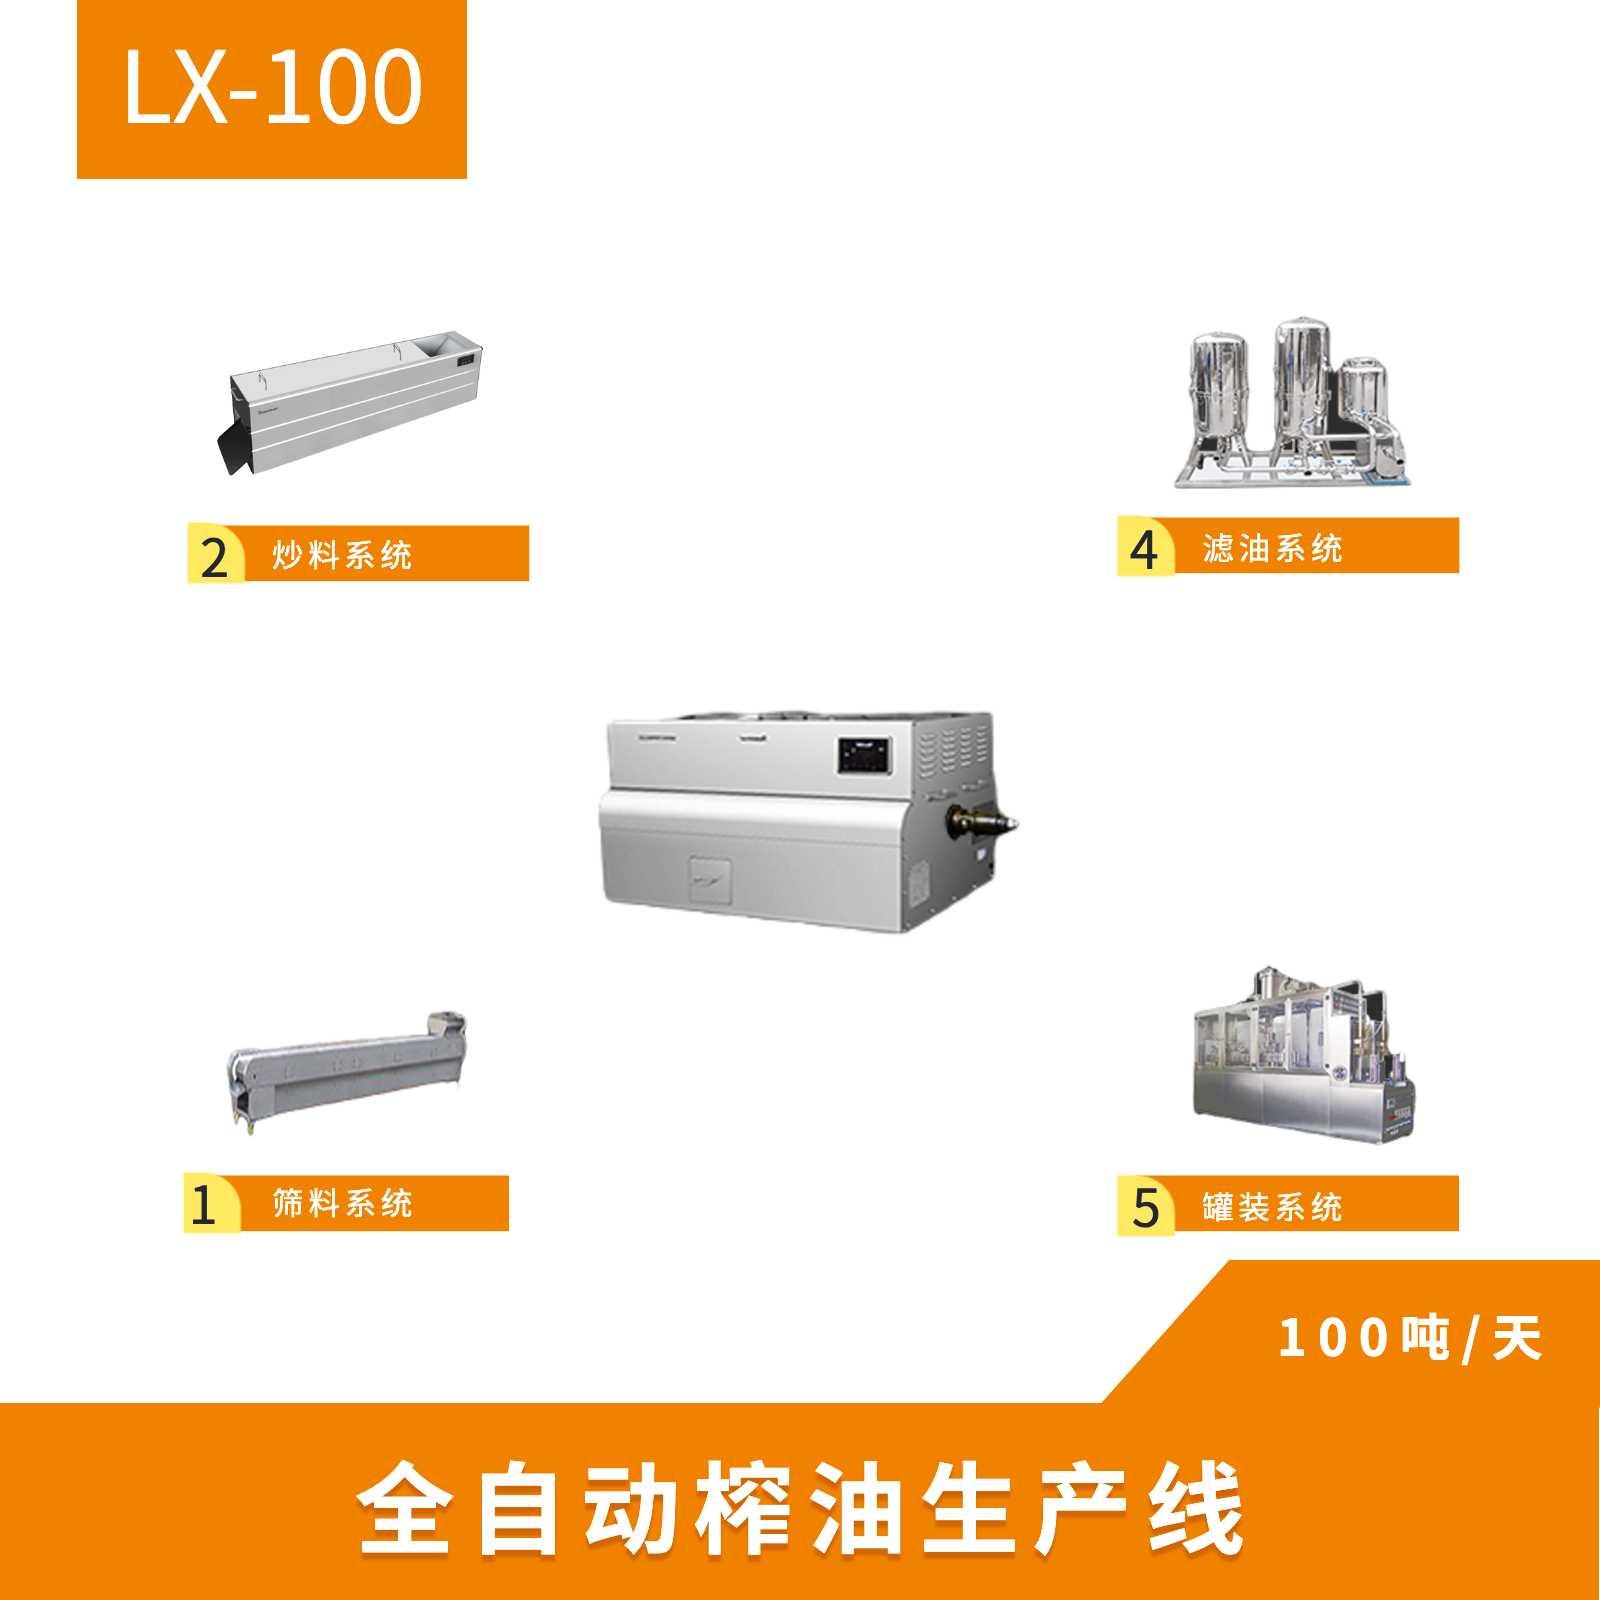 全自动榨油生产线 LX-100